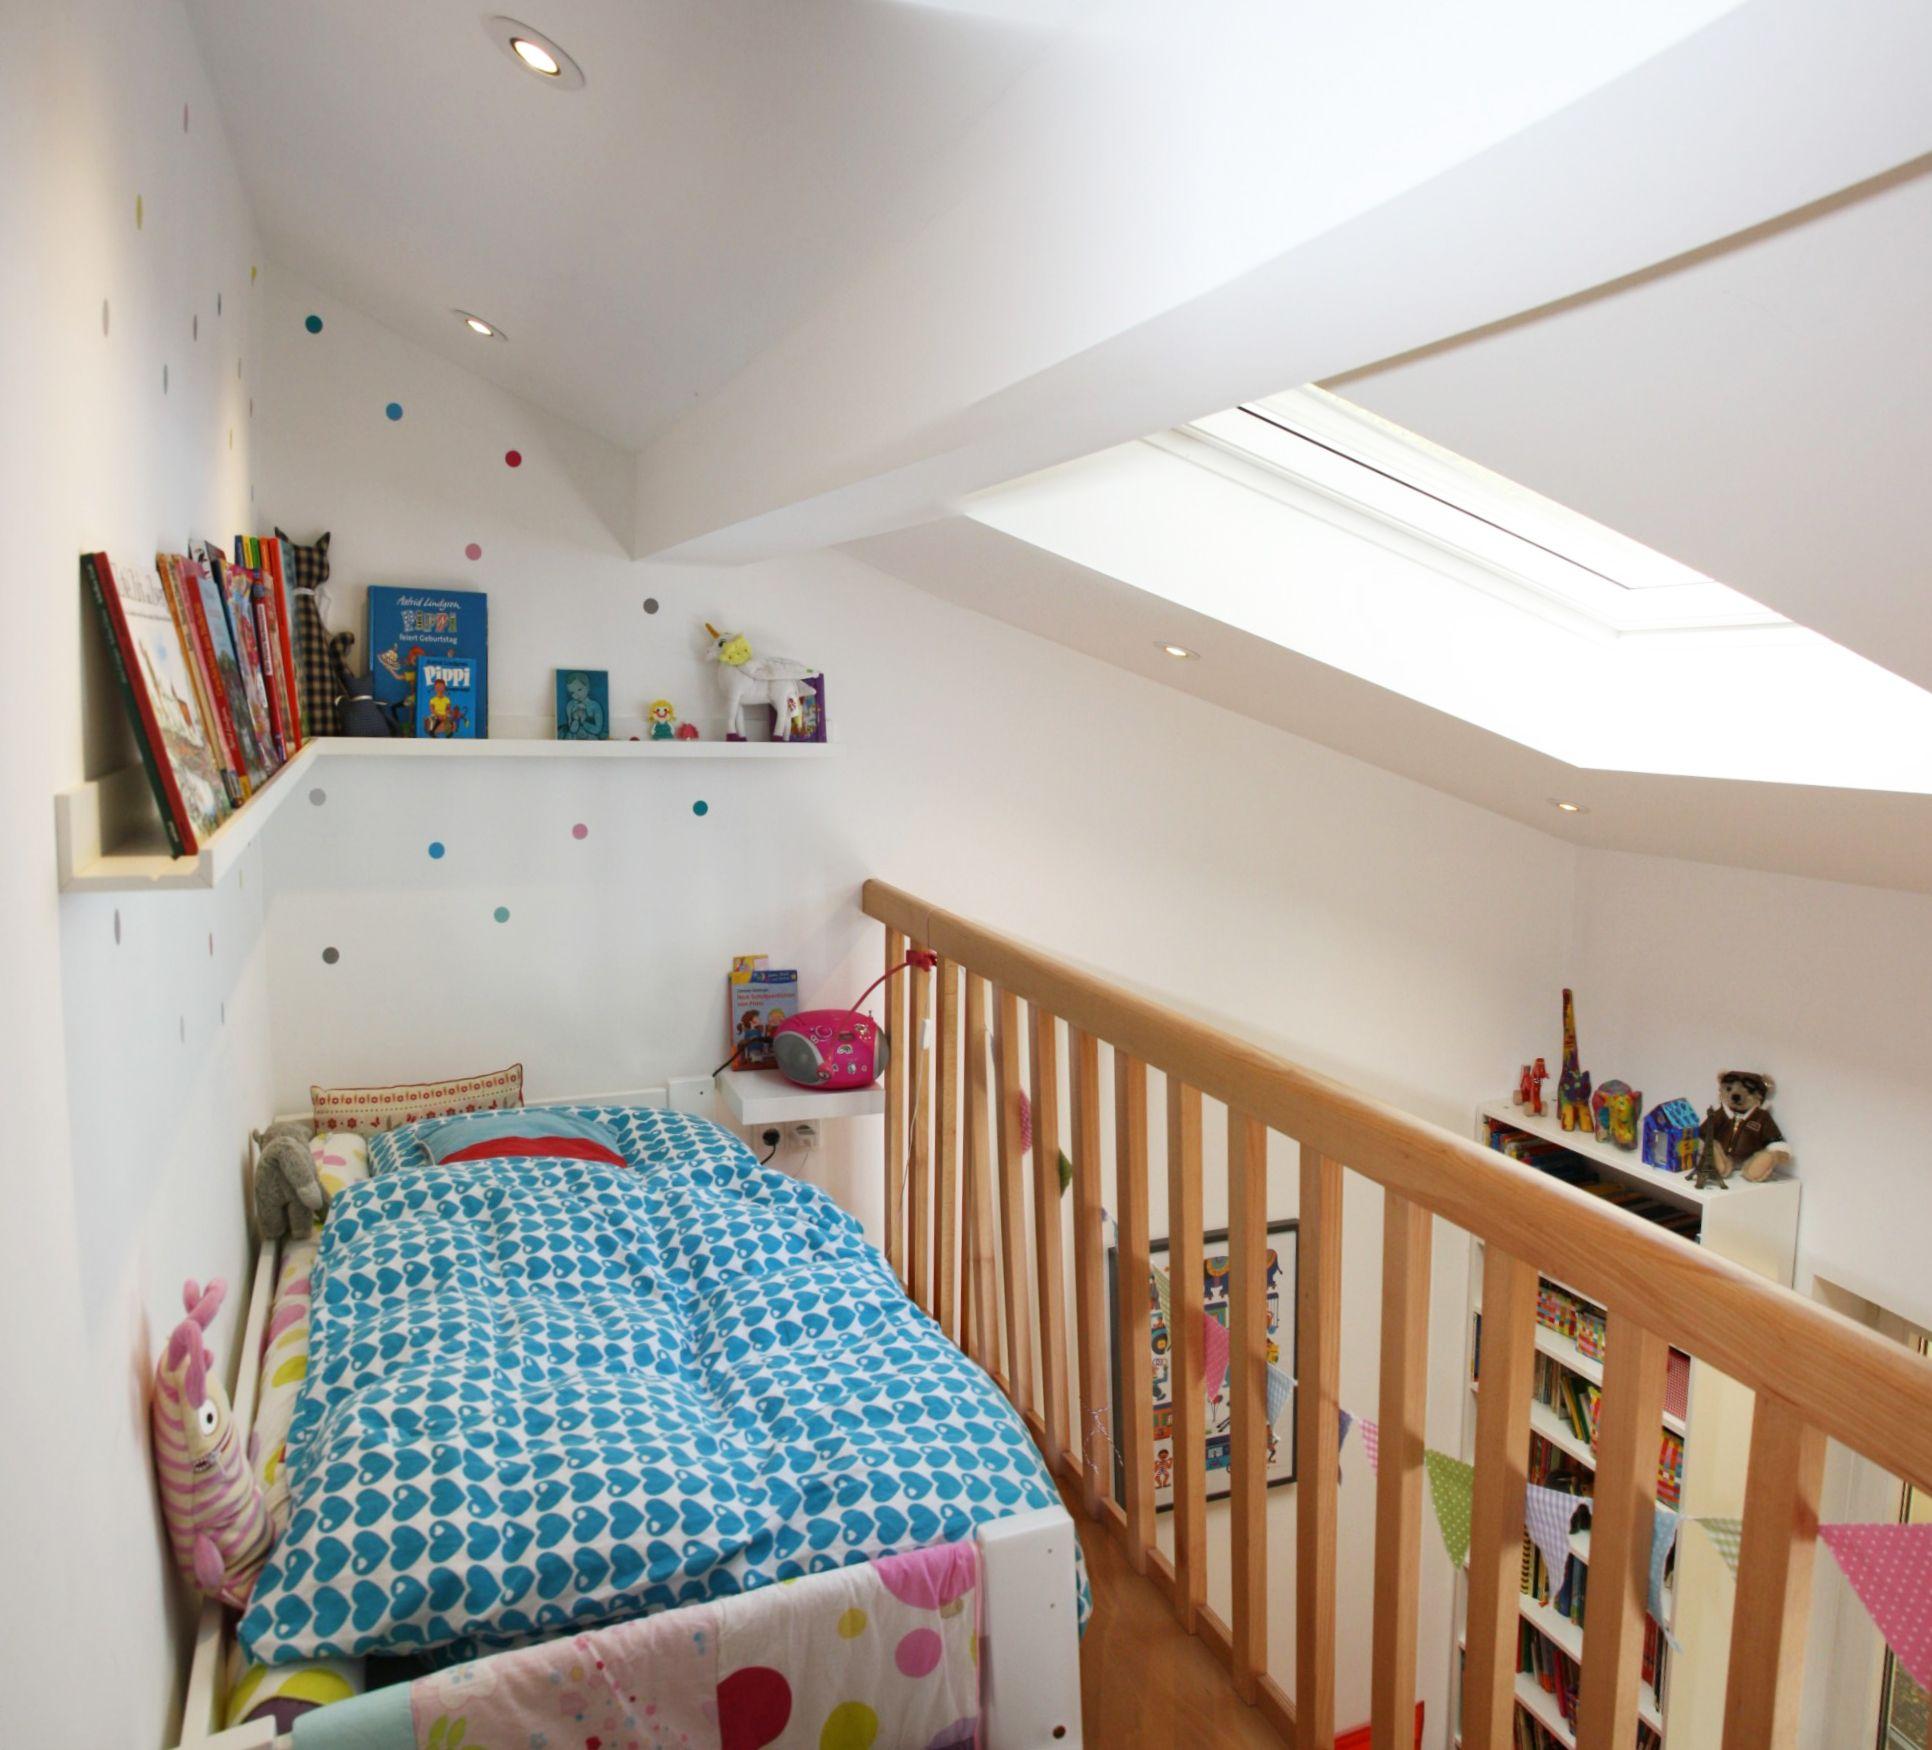 umbau kinderzimmer einbau 2 ebene schlafebene hochbett bildleiste b cher bunk bed. Black Bedroom Furniture Sets. Home Design Ideas